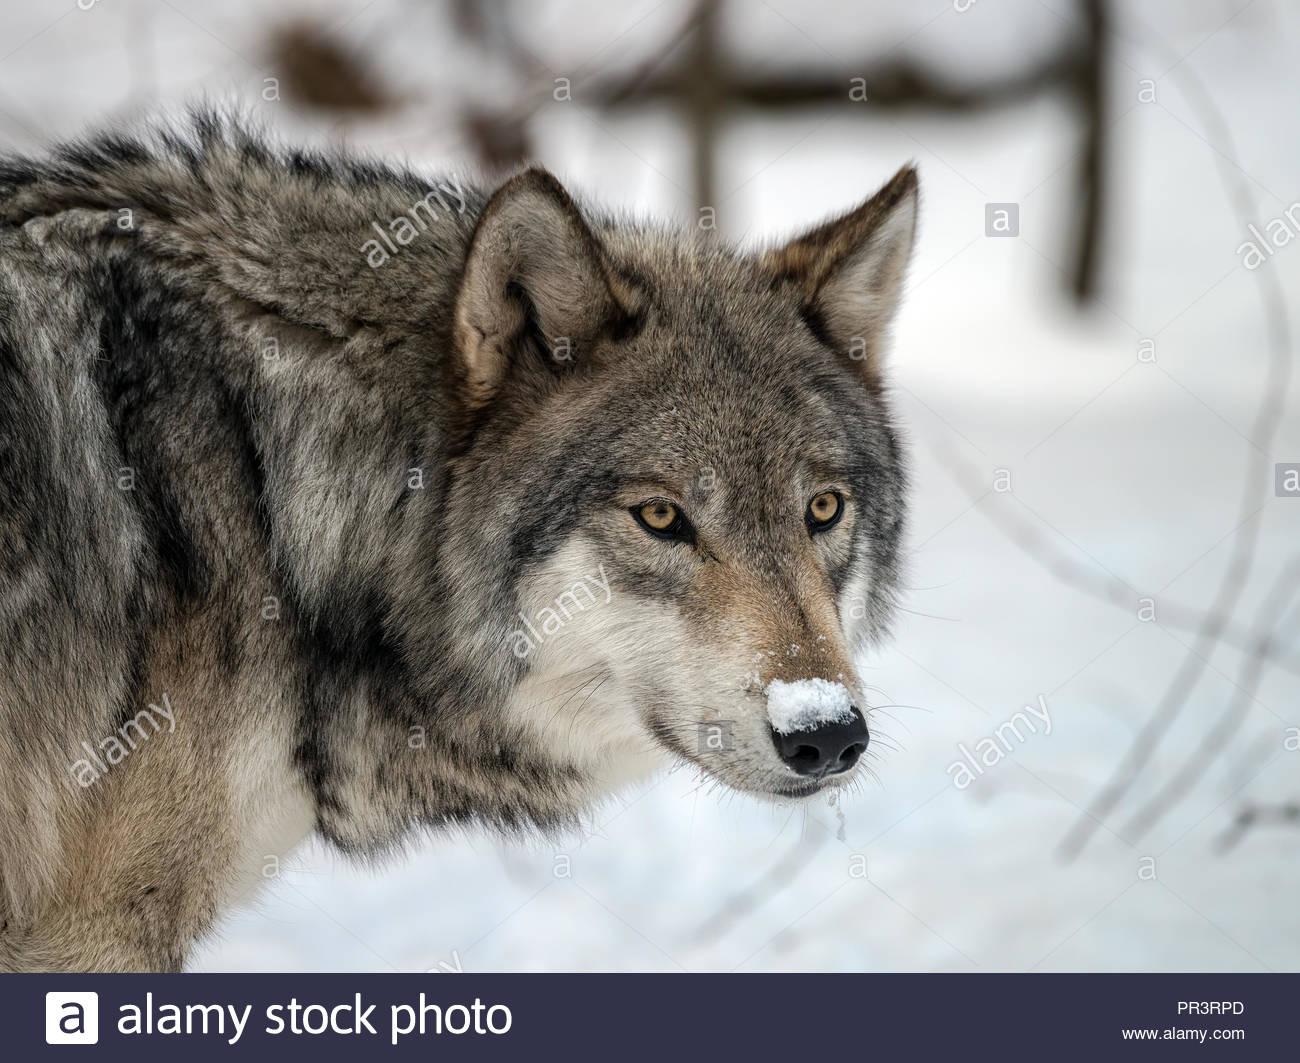 Timber Wolf (auch bekannt als grauer Wolf oder grauen Wolf) im Schnee Stockbild